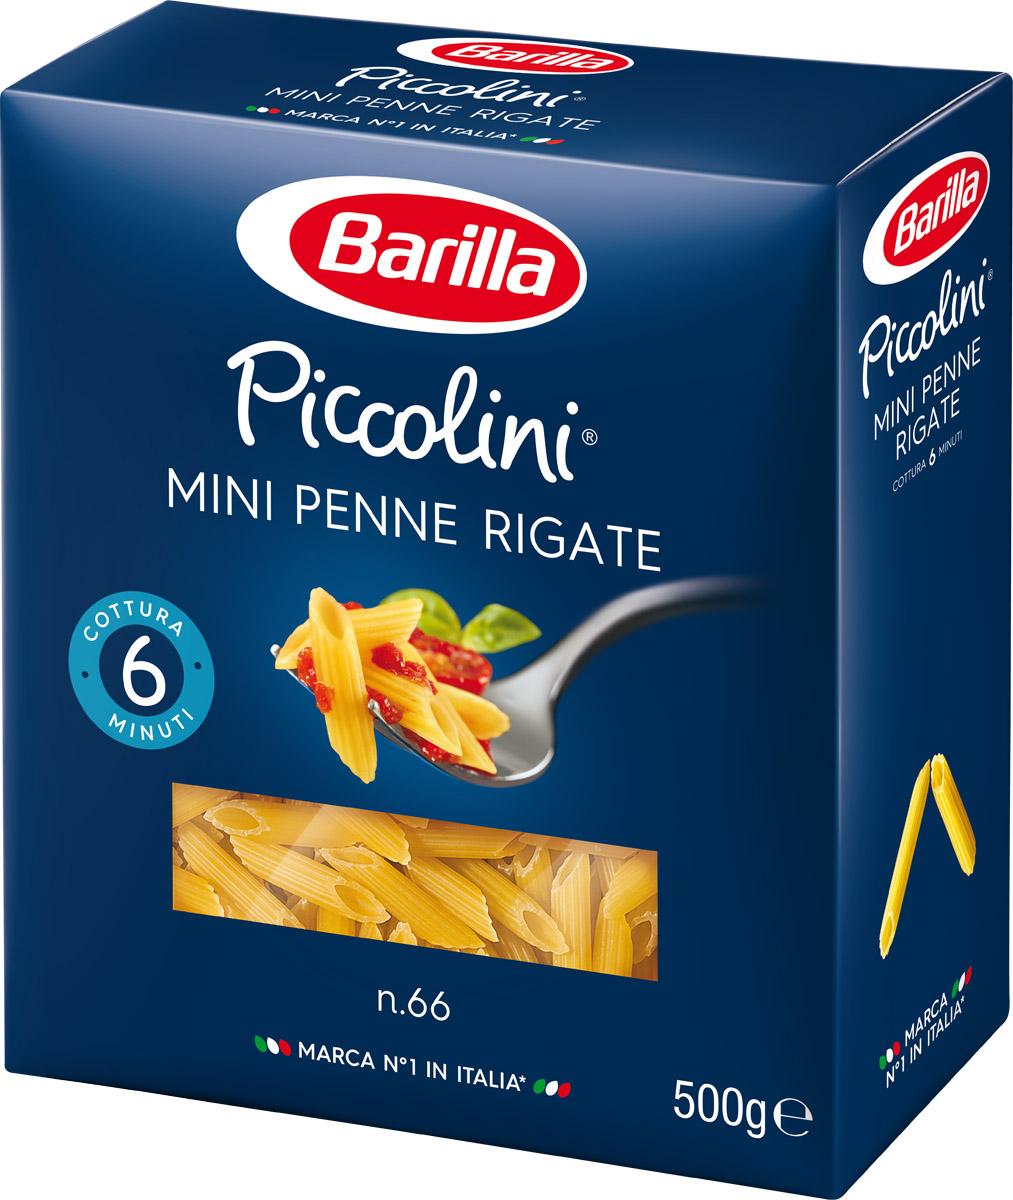 Barilla Mini Penne Rigate паста мини пенне ригате, 500 г kinder mini mix подарочный набор 106 5 г